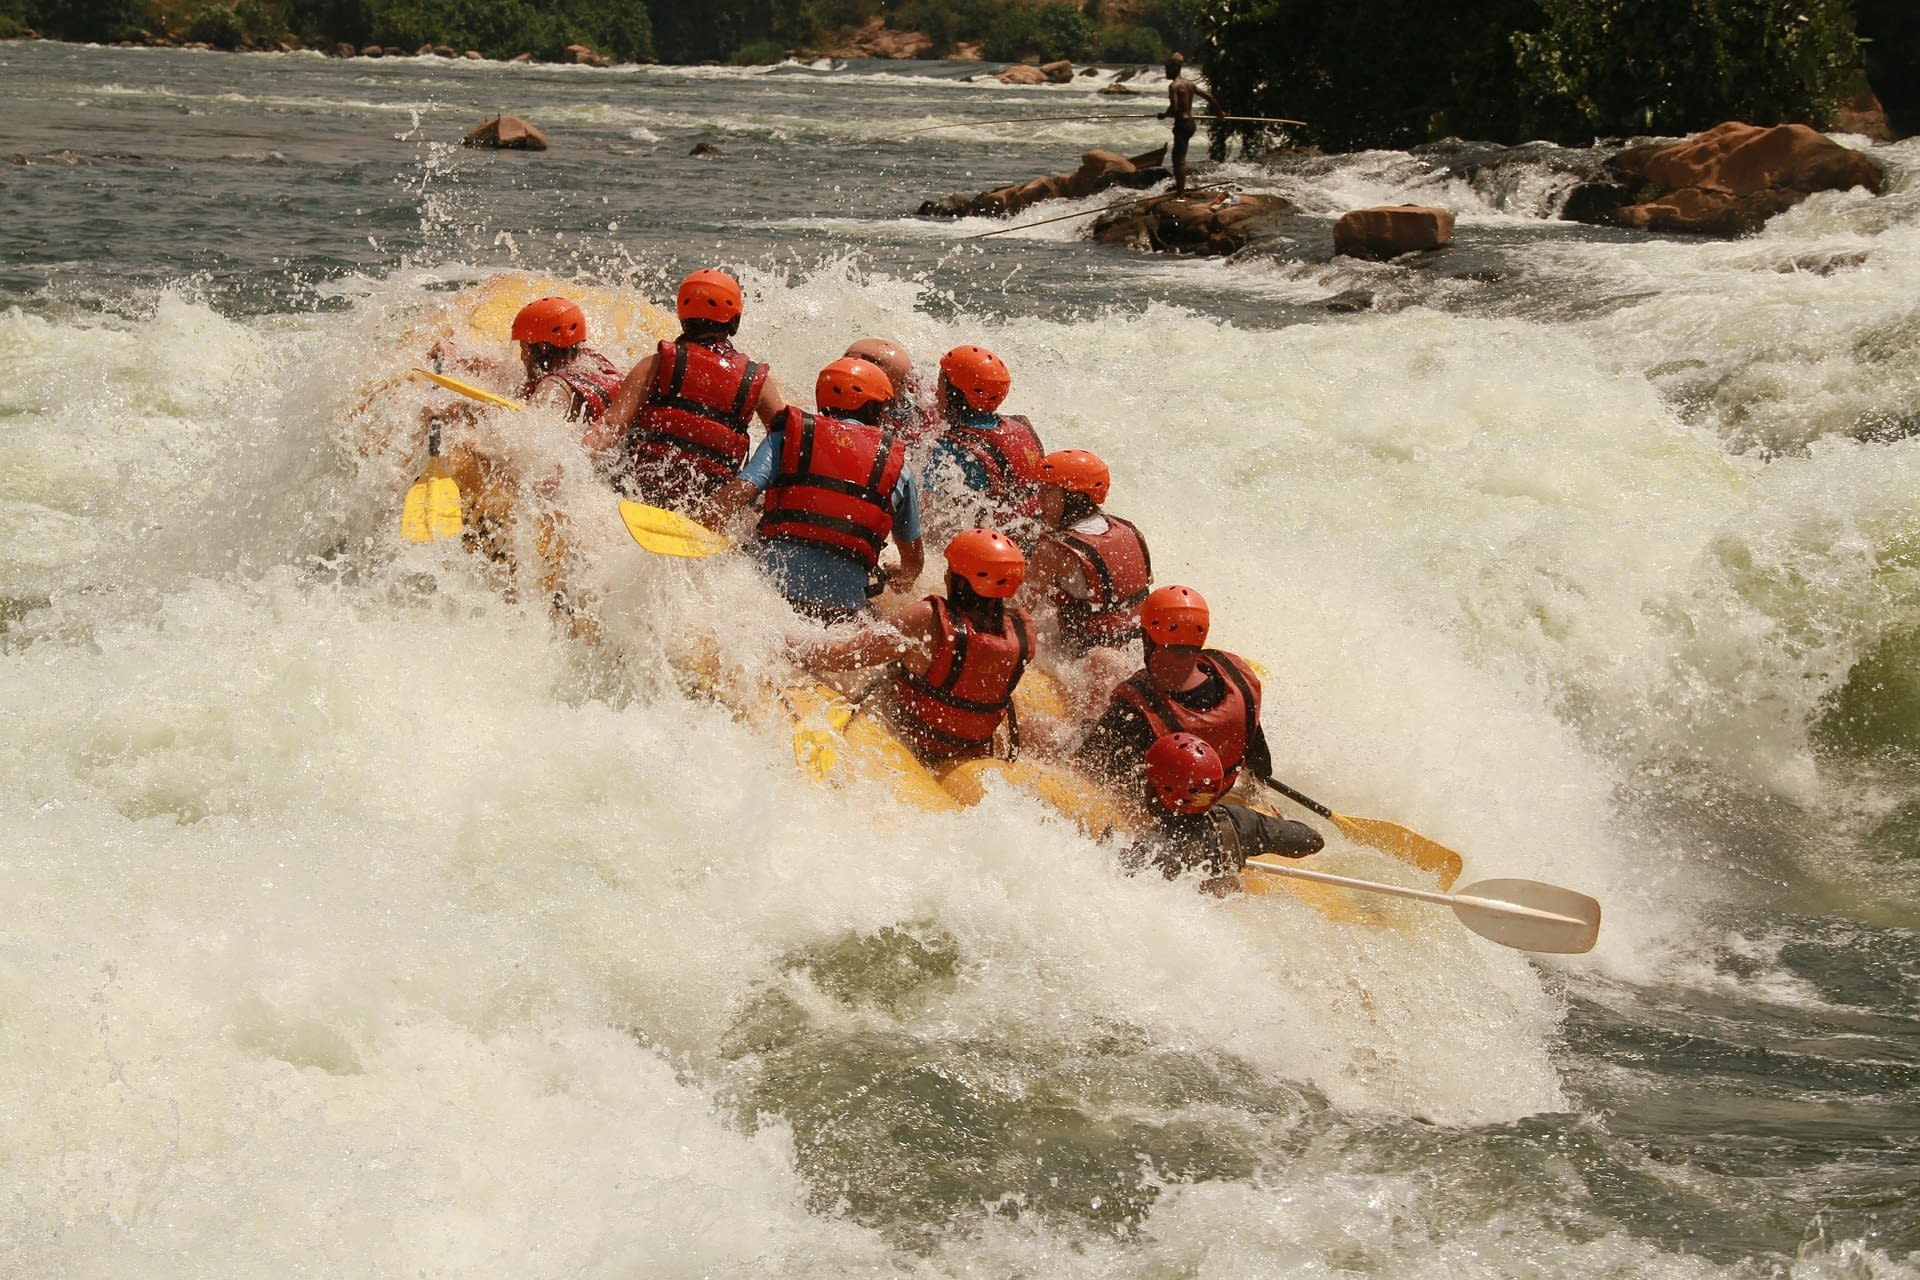 white-water-rafting-354505_1920